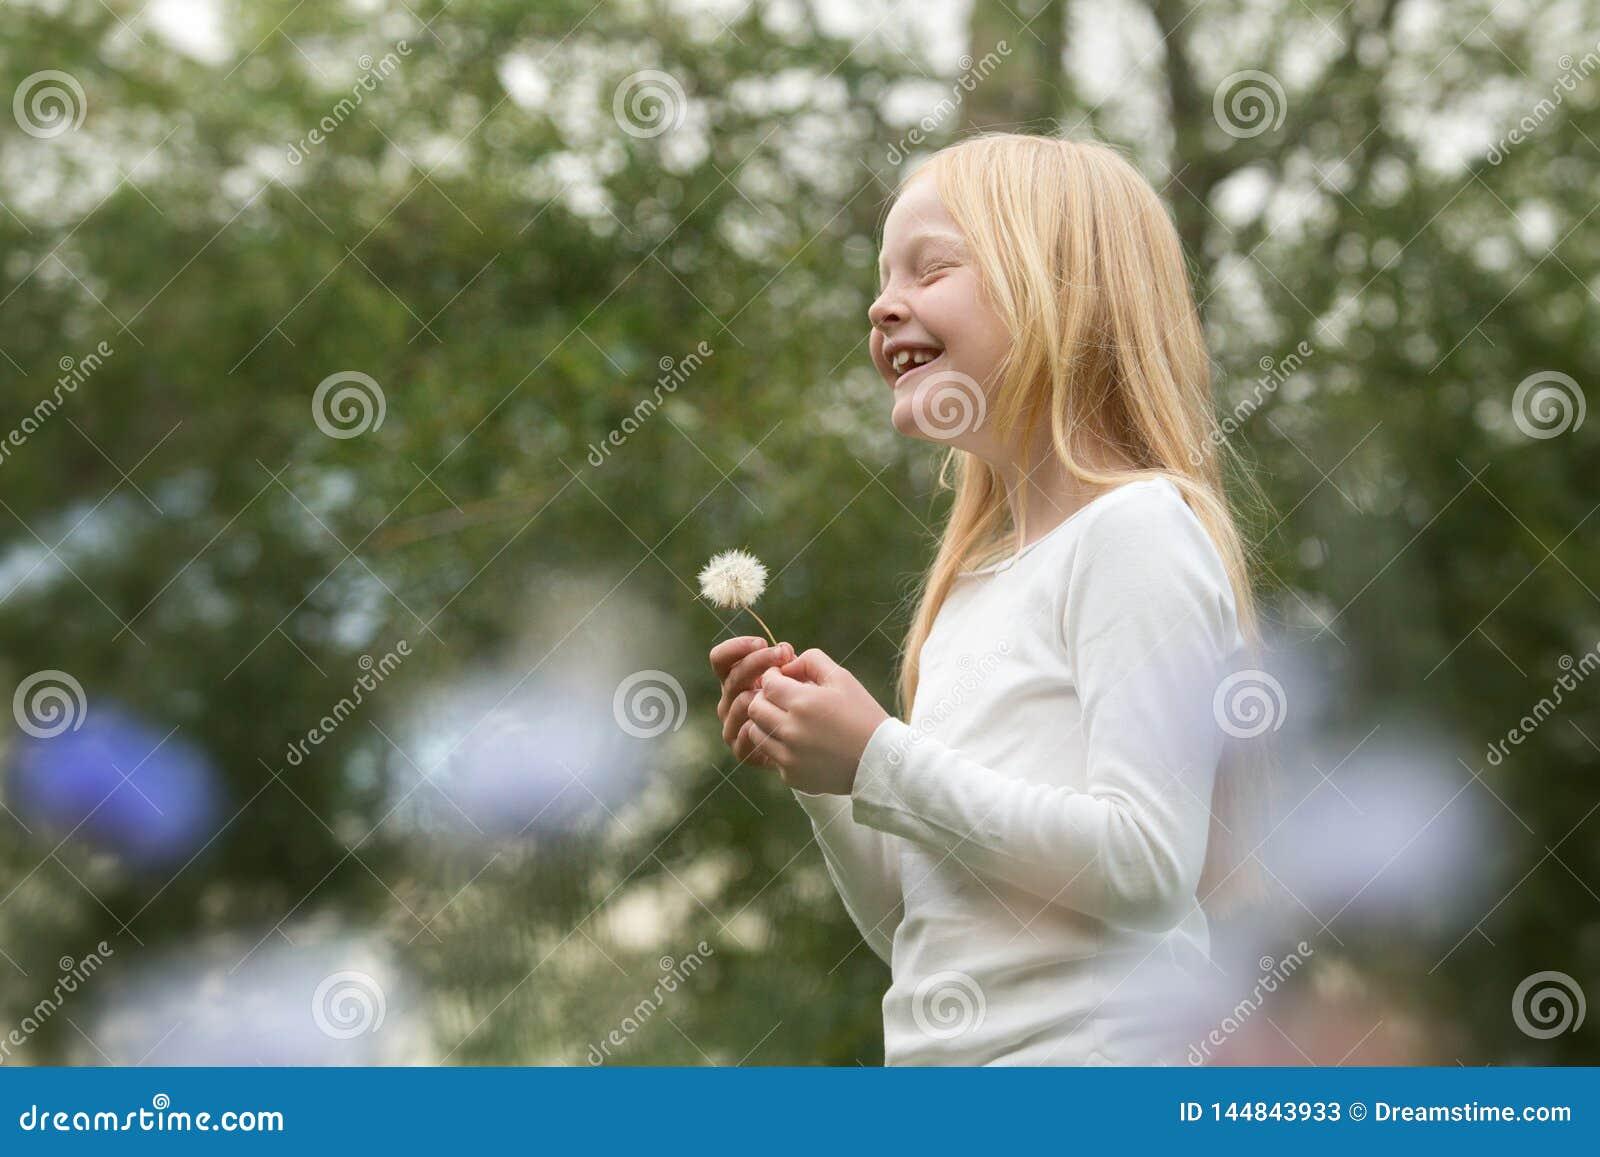 Junge kaukasische Mädchenwünsche auf einem Löwenzahn